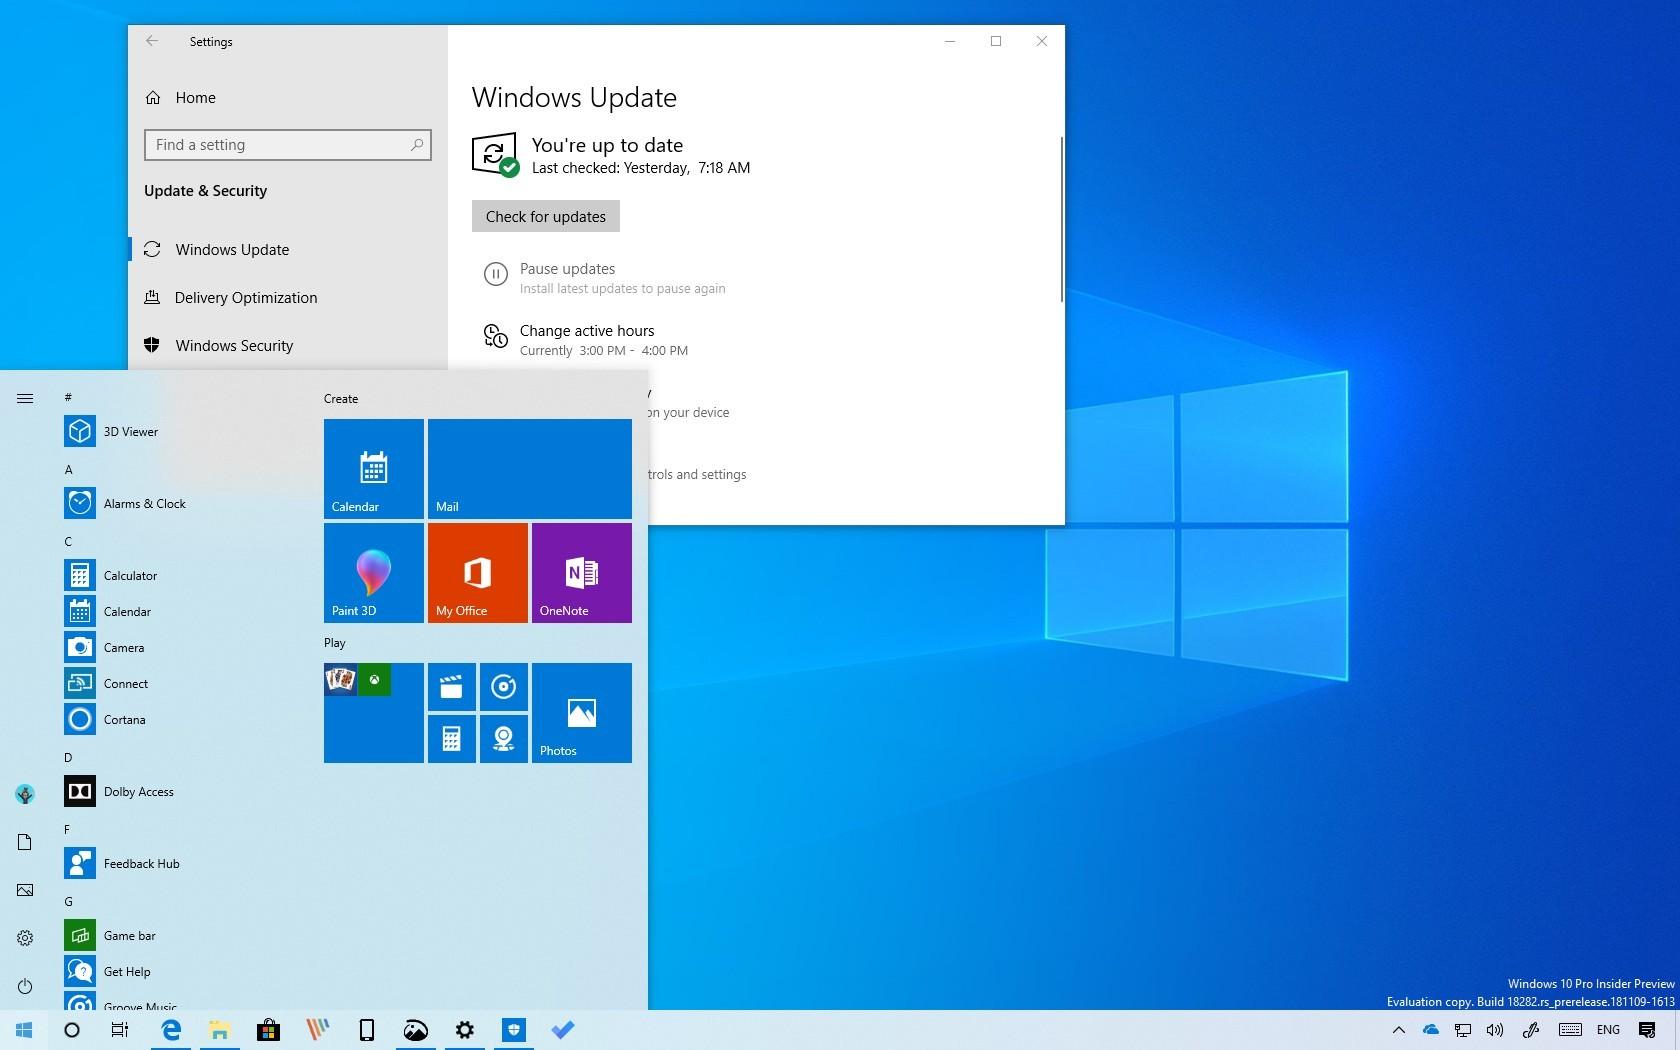 windows 10 2019 - Parfu kaptanband co